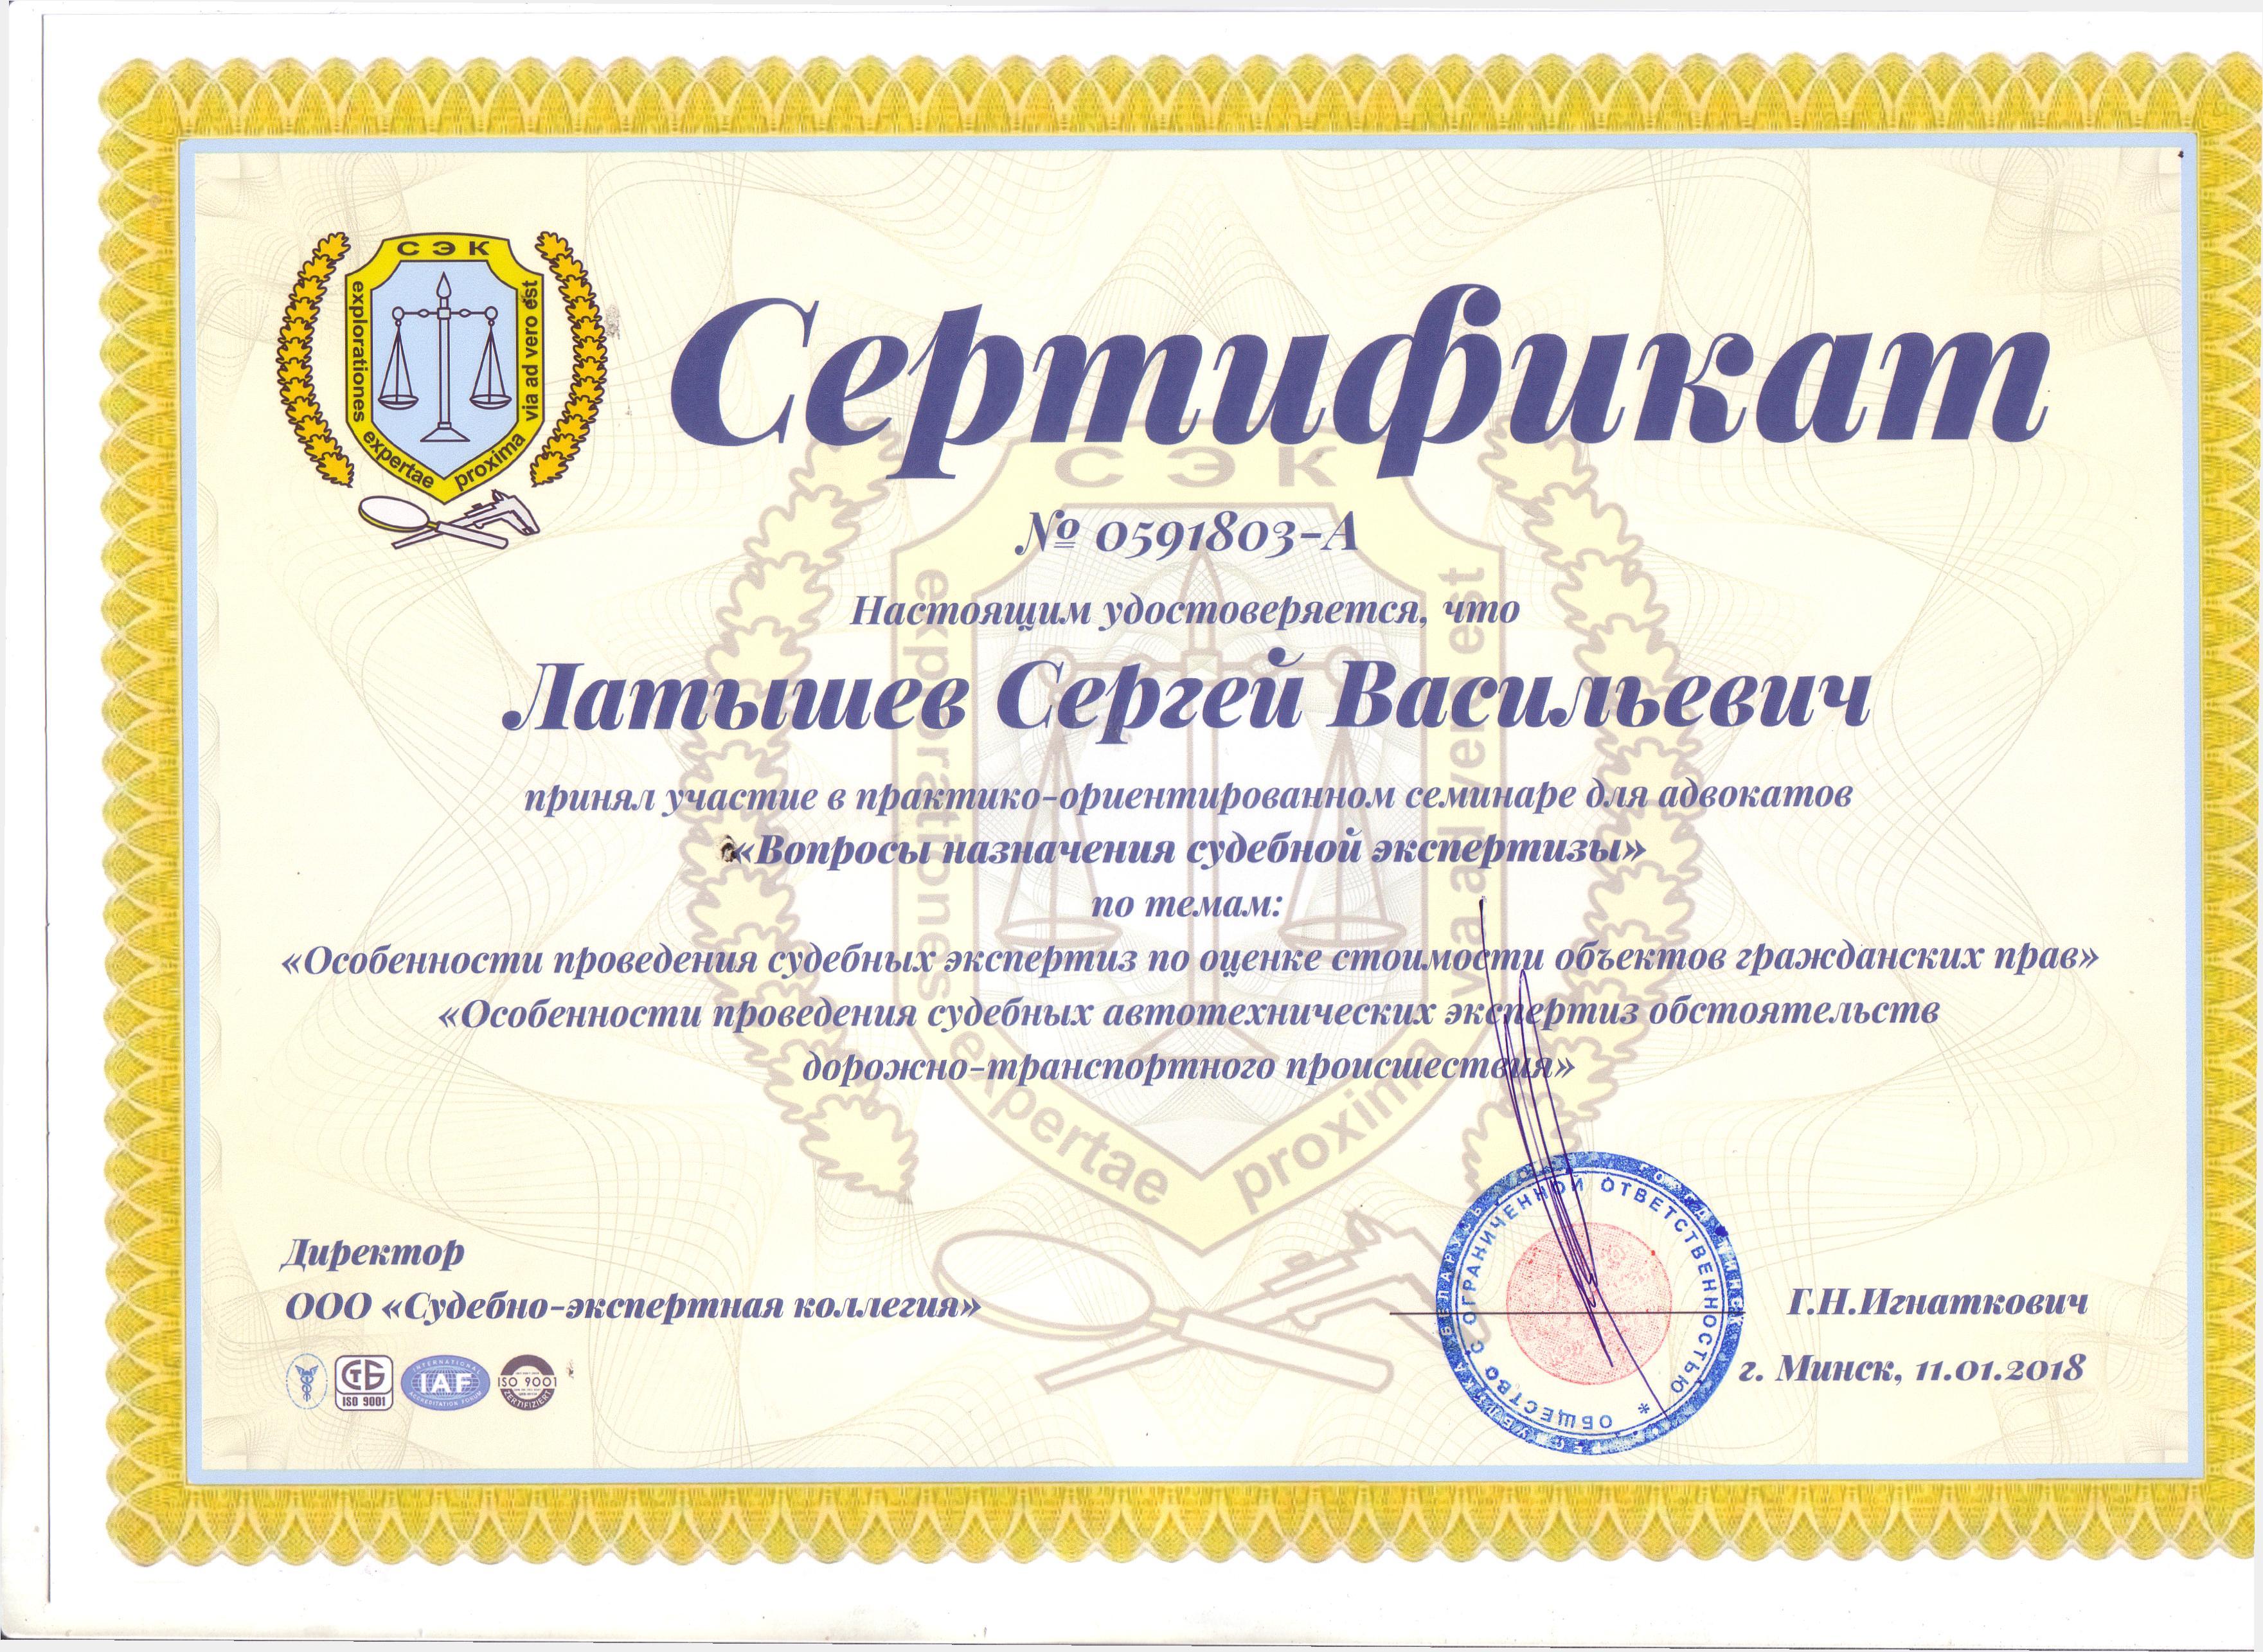 Сертификат адвоката Латышева С.В. об участии в семинаре